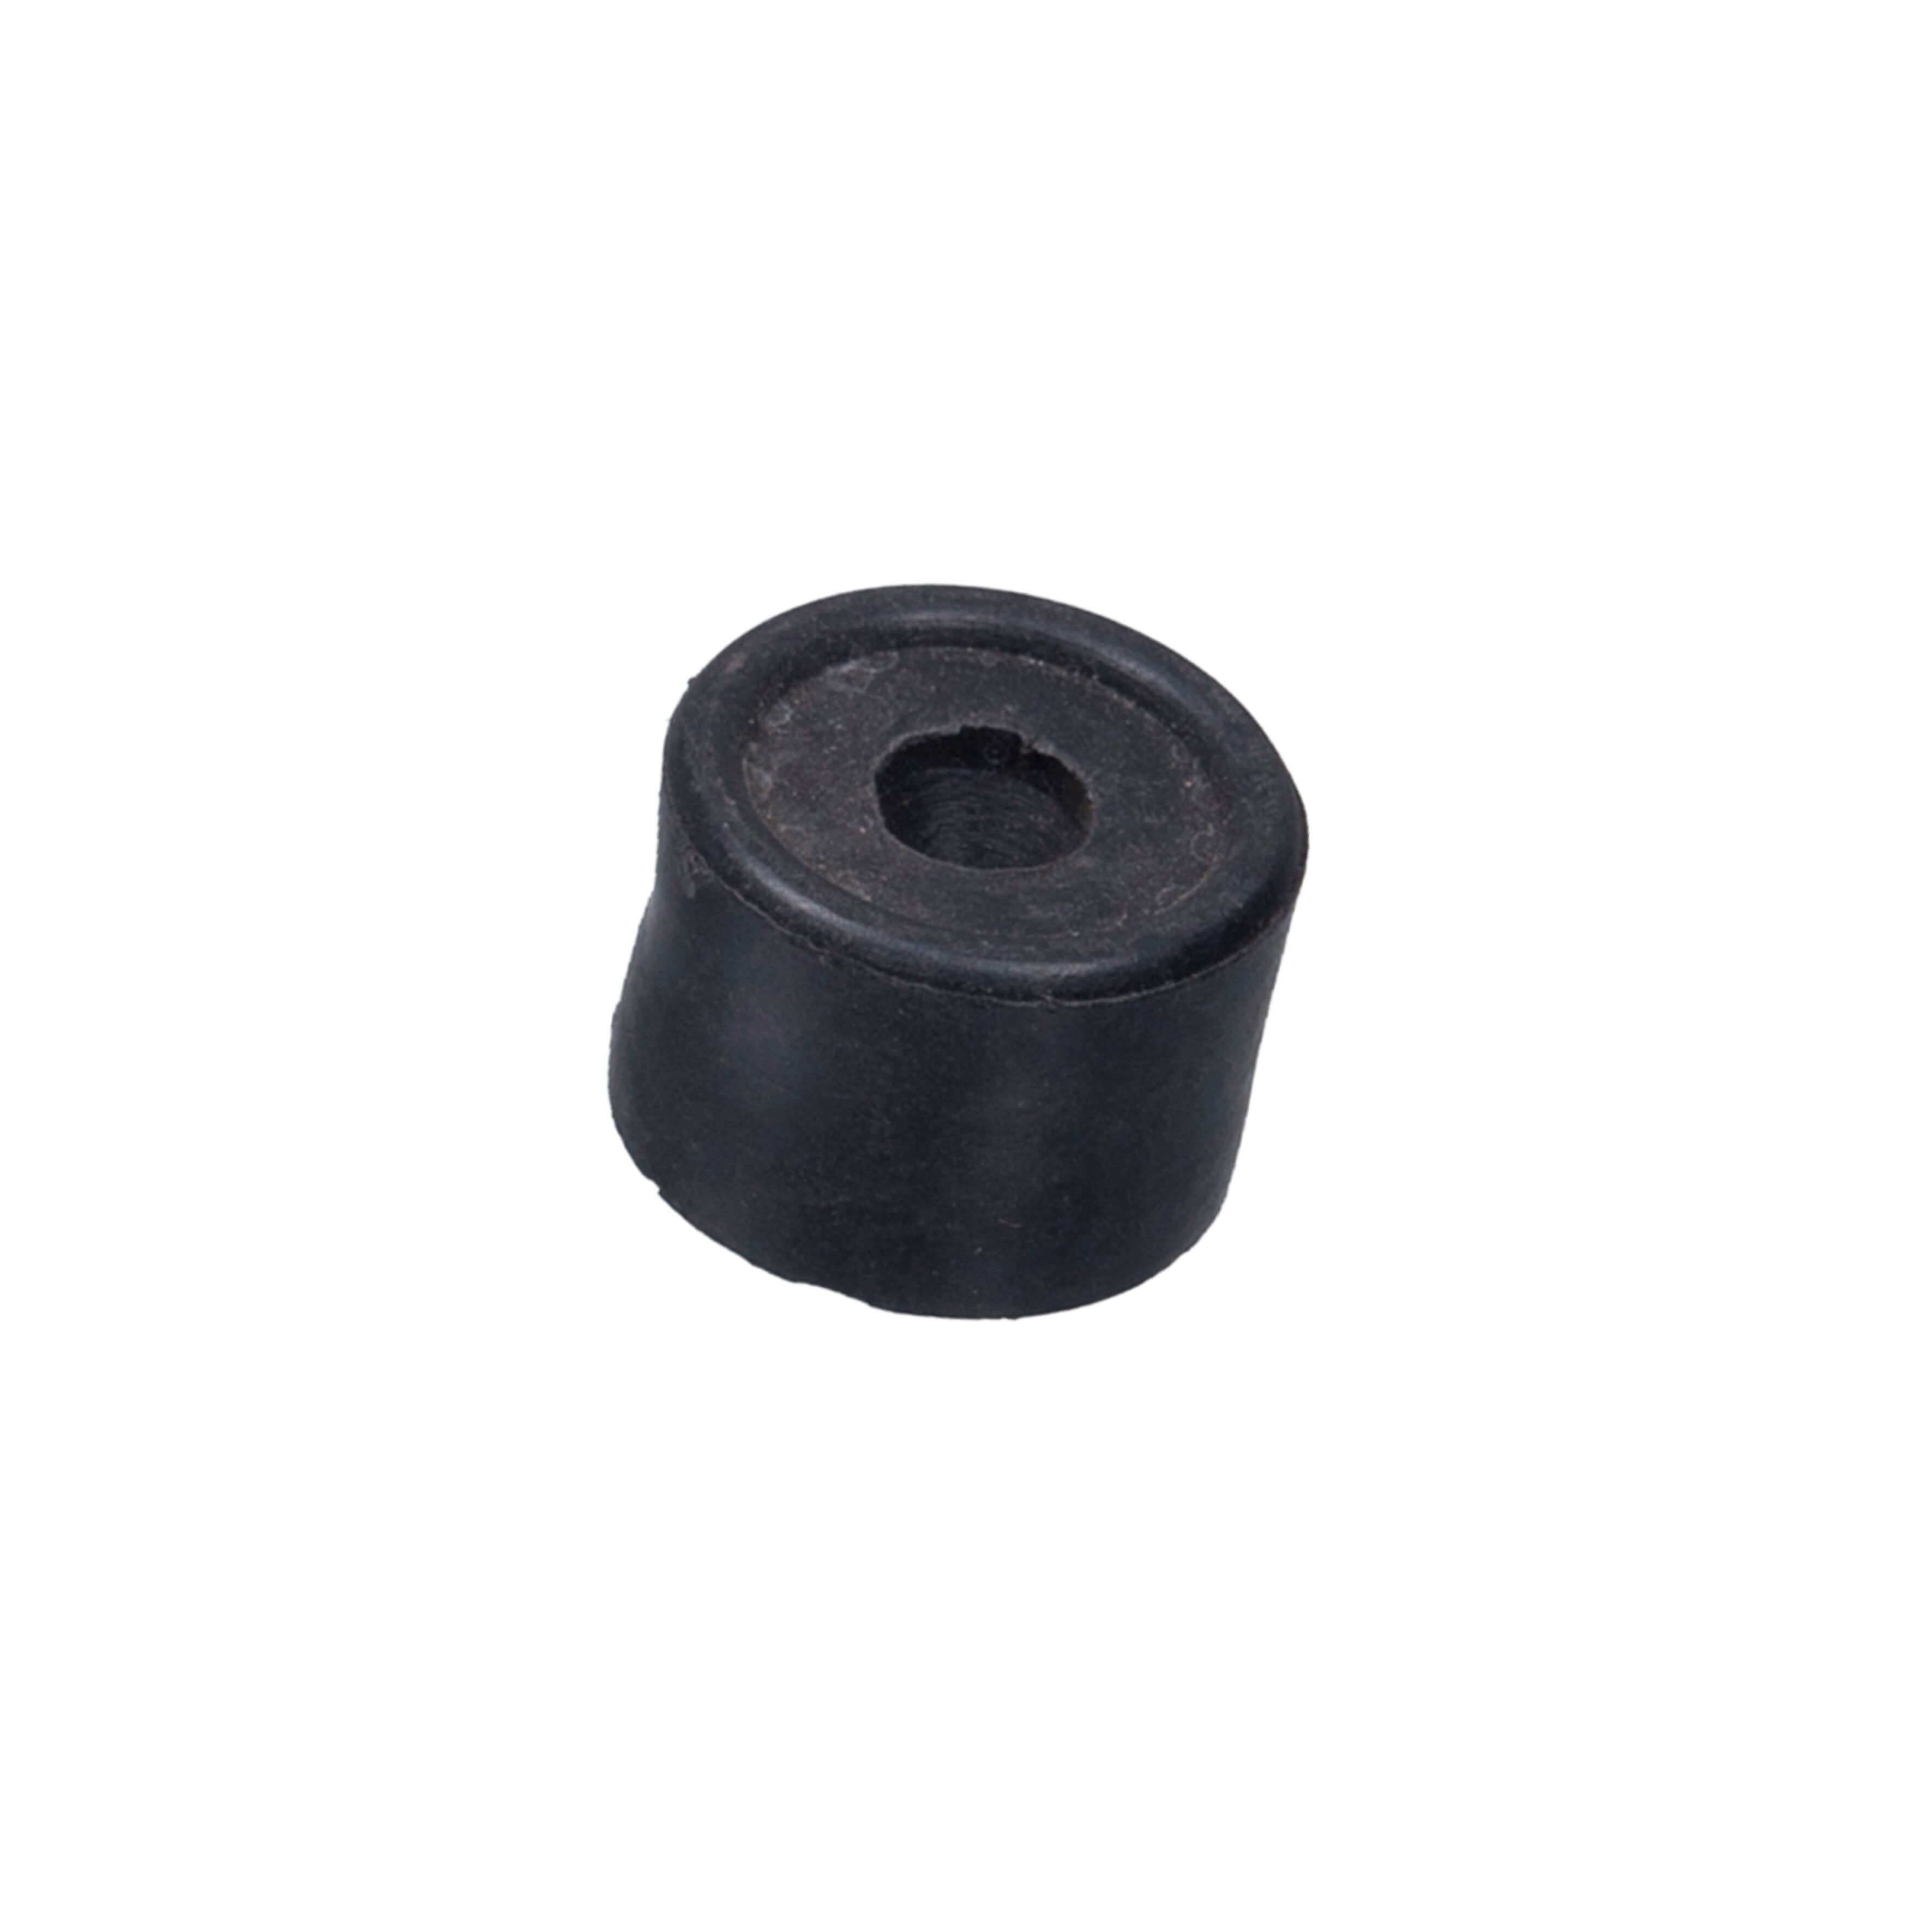 Black 35mm Rubber Door Stop 8782